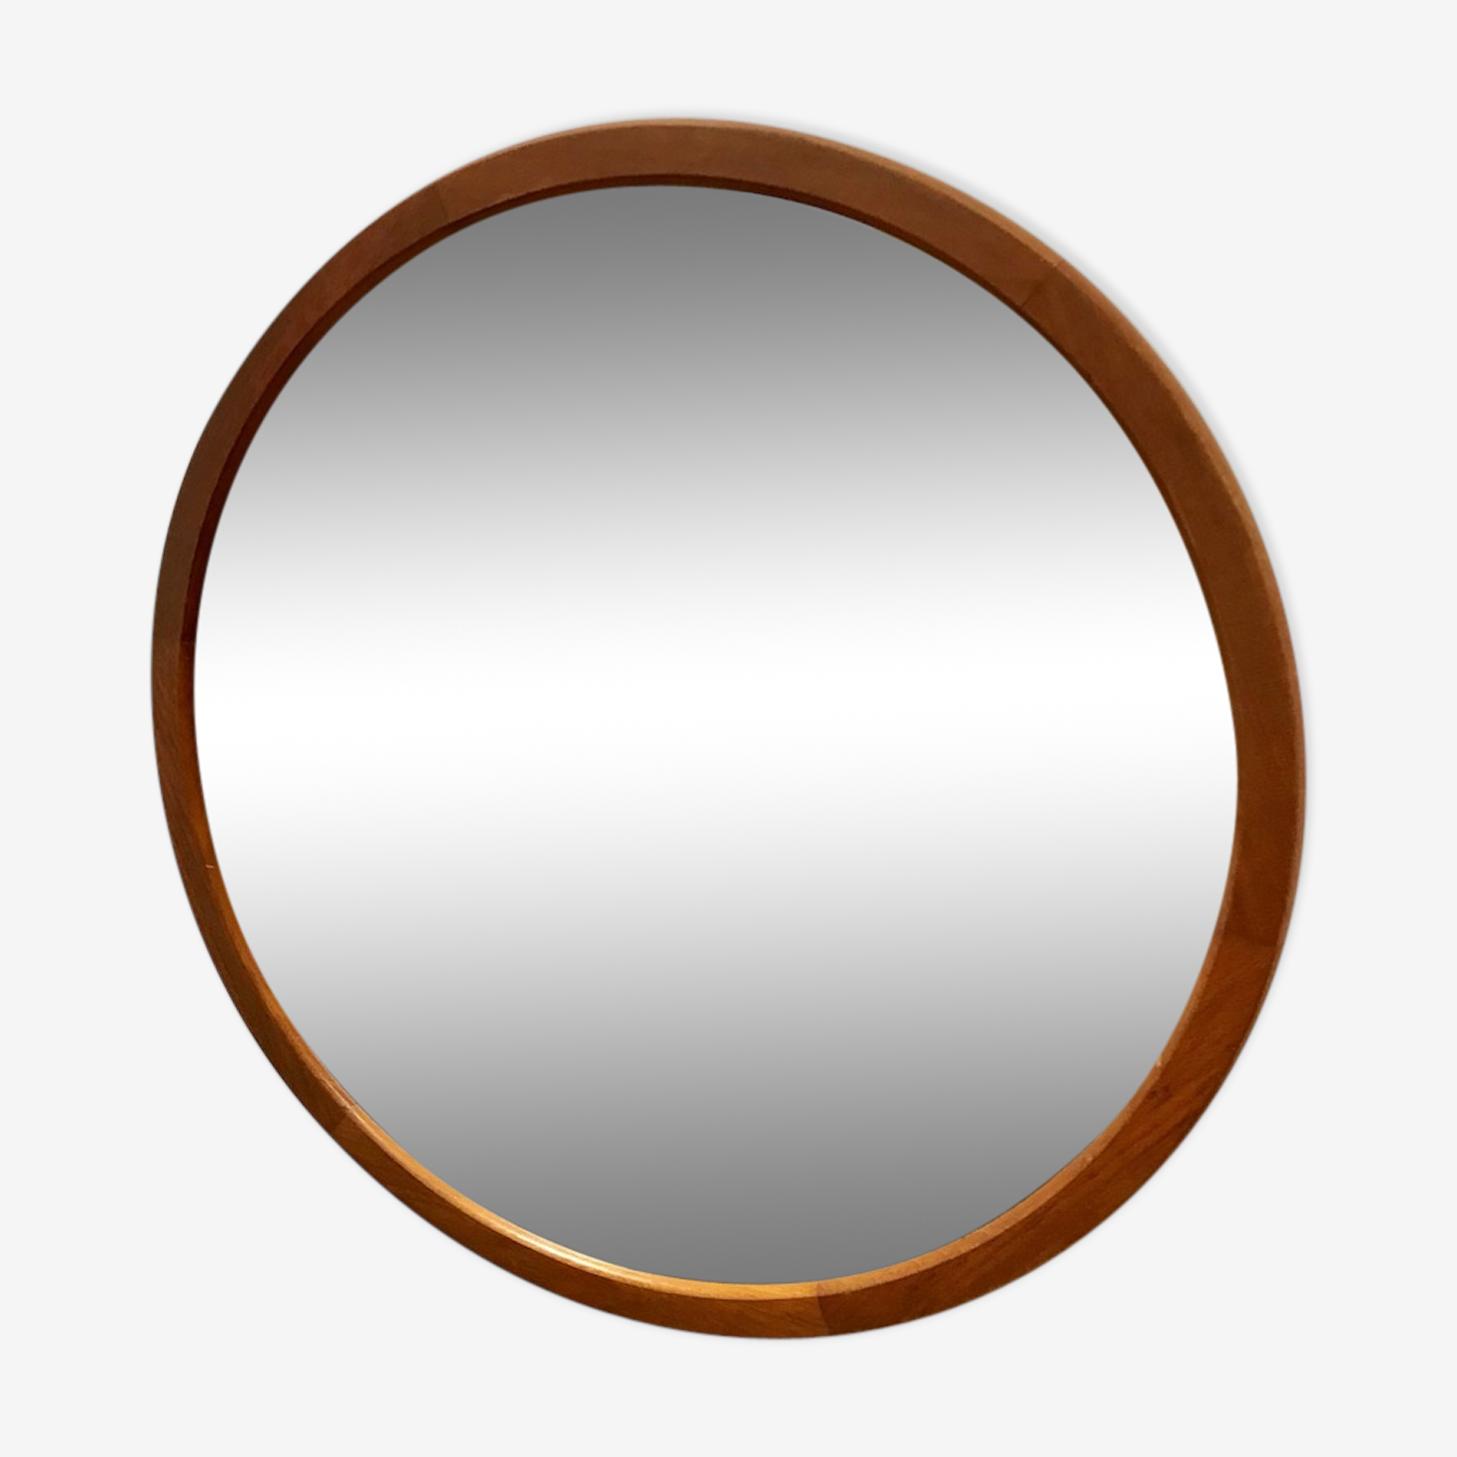 Mirror scandinavian teak round around 1960 - 60x60cm